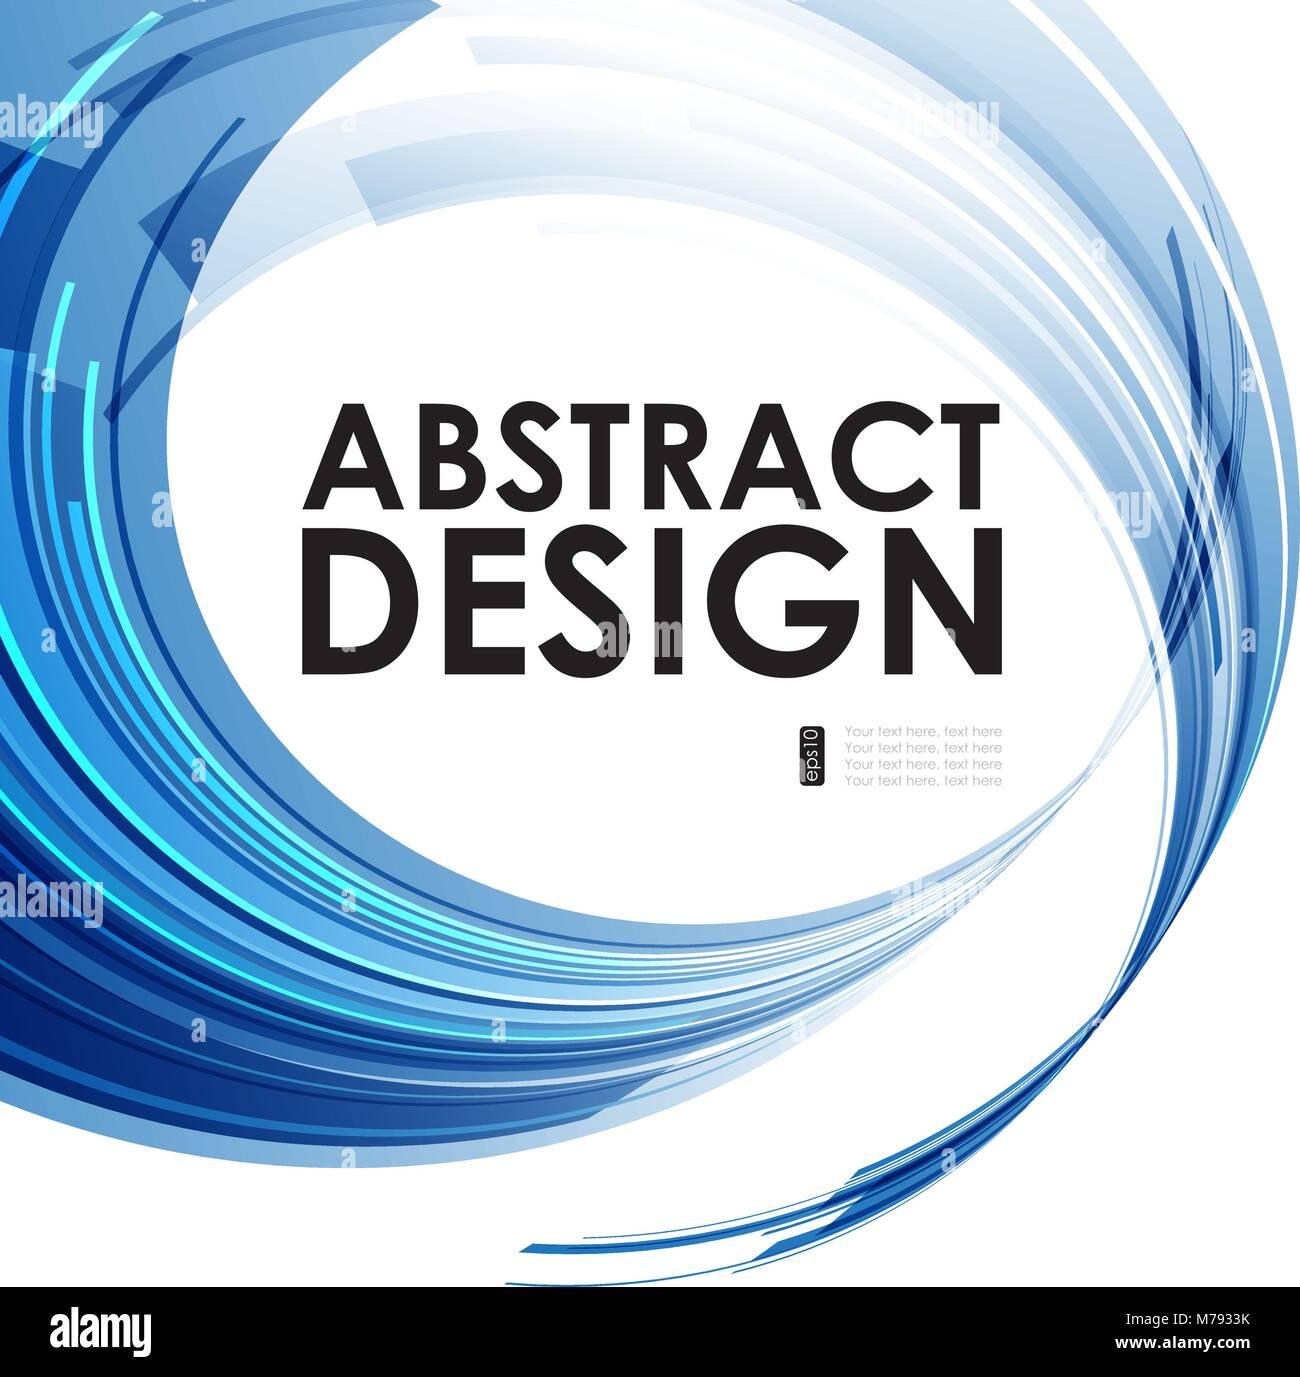 Abstract cercles technologiques fond bleu, composition motion Illustration de Vecteur